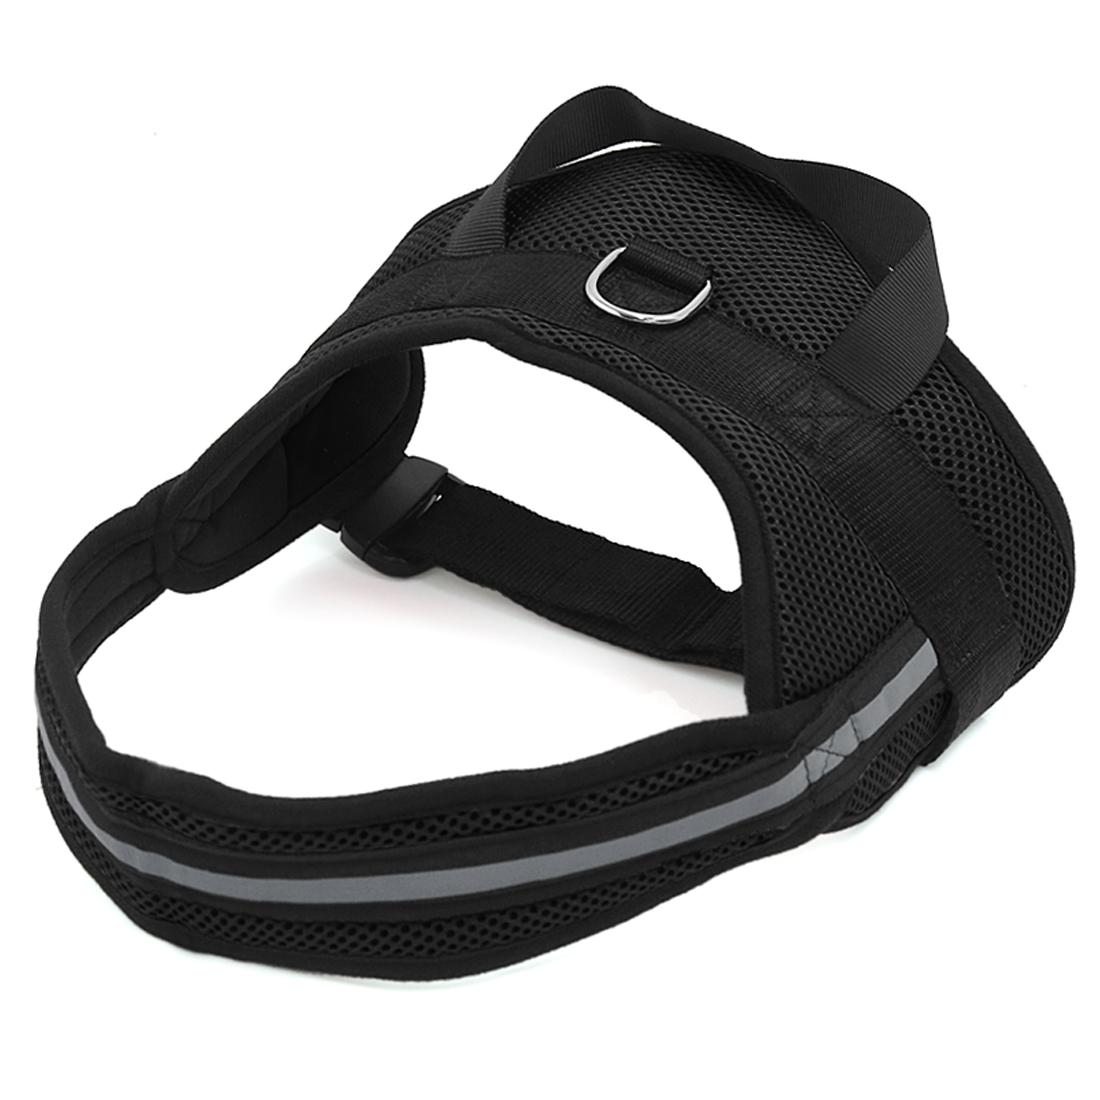 Big Dog Soft Mesh Reflective No Pull Harness Adjustable Large Pet Walk Vest Safe Control Collar Black XL